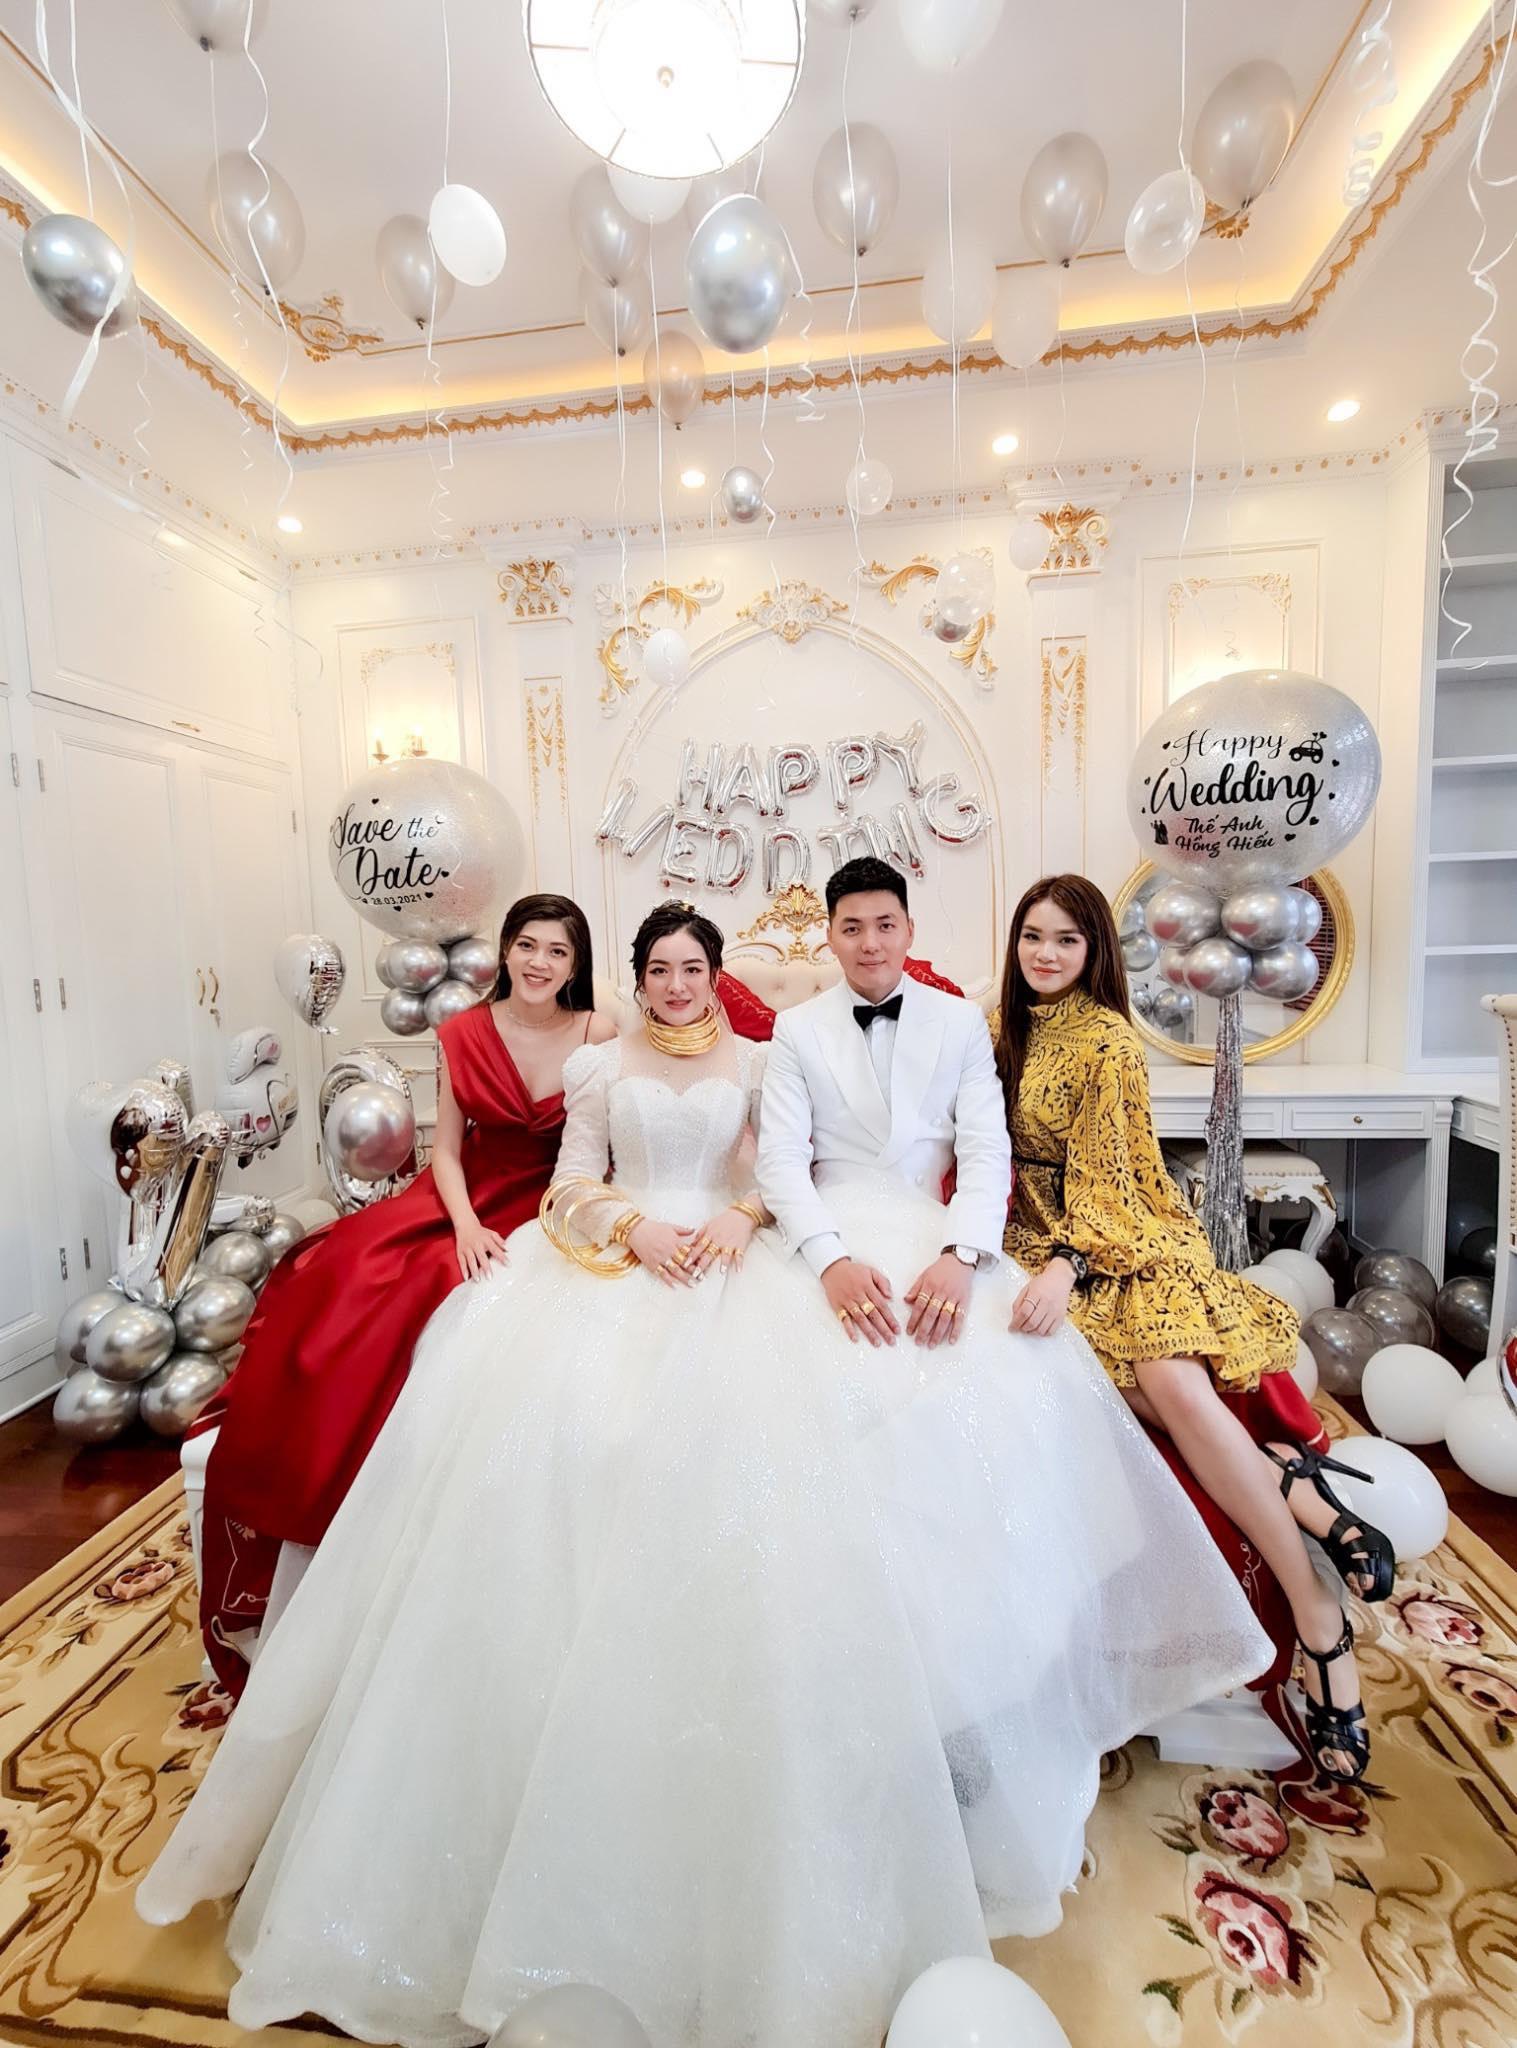 Cô dâu 9X xinh đẹp đeo vàng trĩu cổ, kín tay trong ngày cưới gây sốt mạng - 3